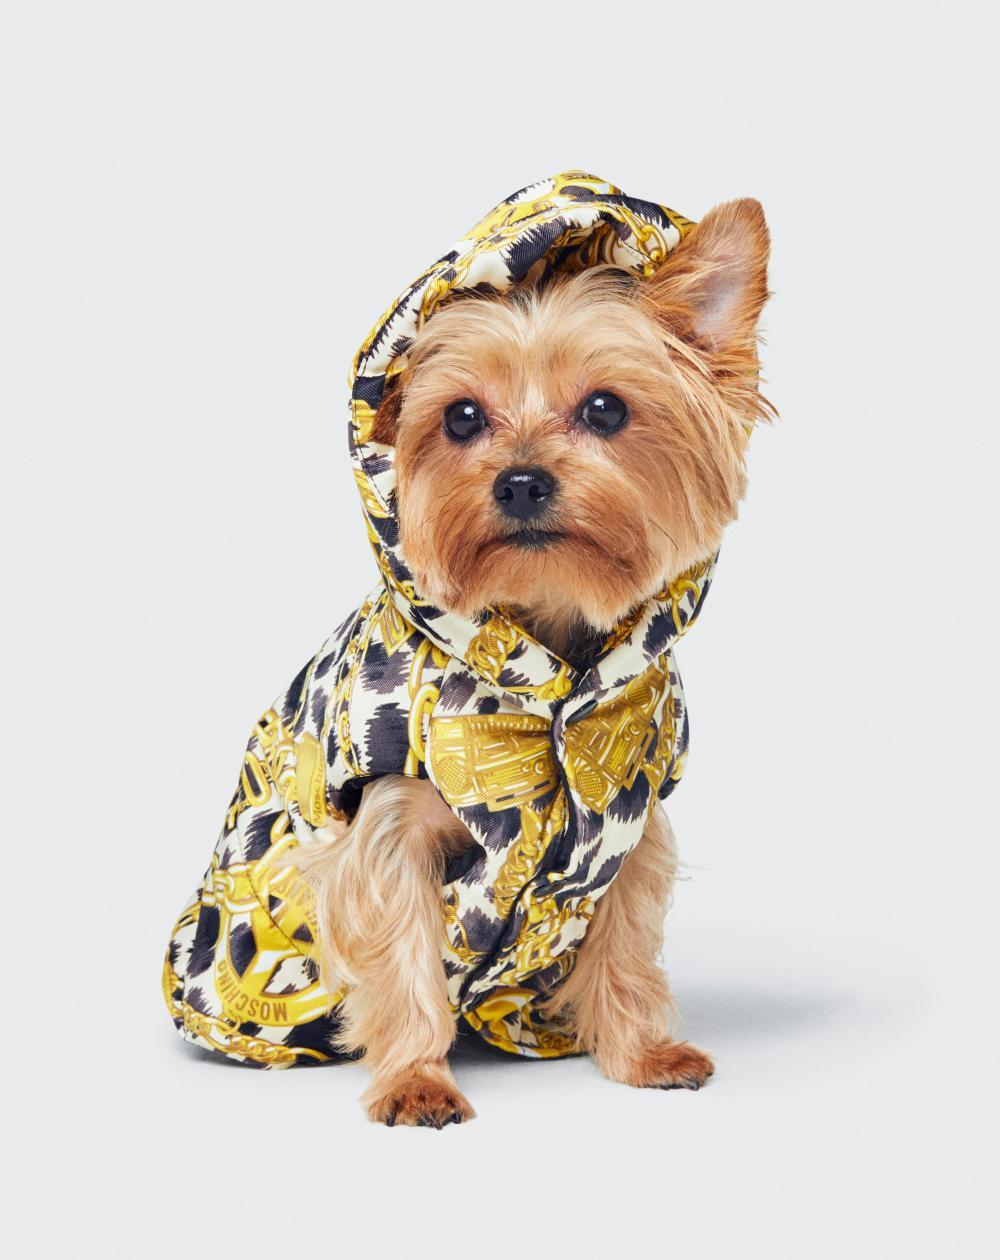 Réjouissez-vous amis canins, avant le lancement de sa collection capsule Moschino x H&M pour humains, Jeremy Scott va faire de vous des bêtes de mode.